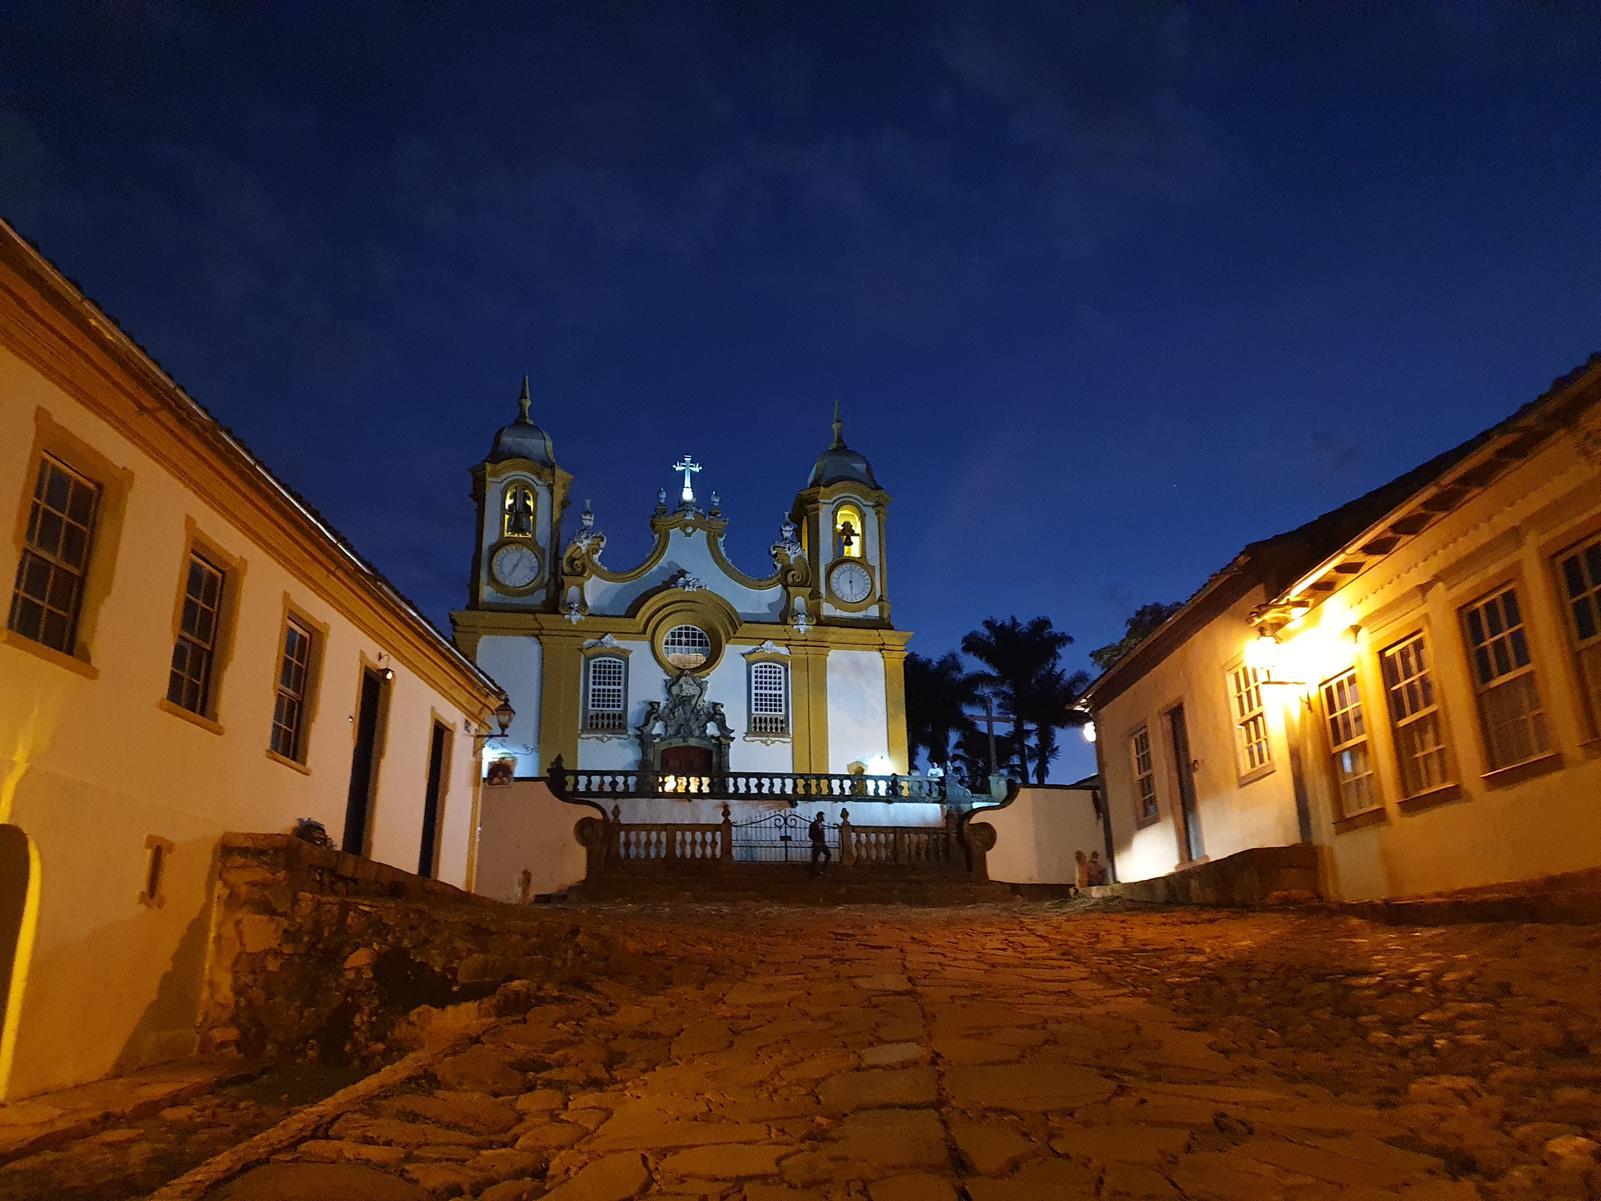 Igreja barroca tiradentes